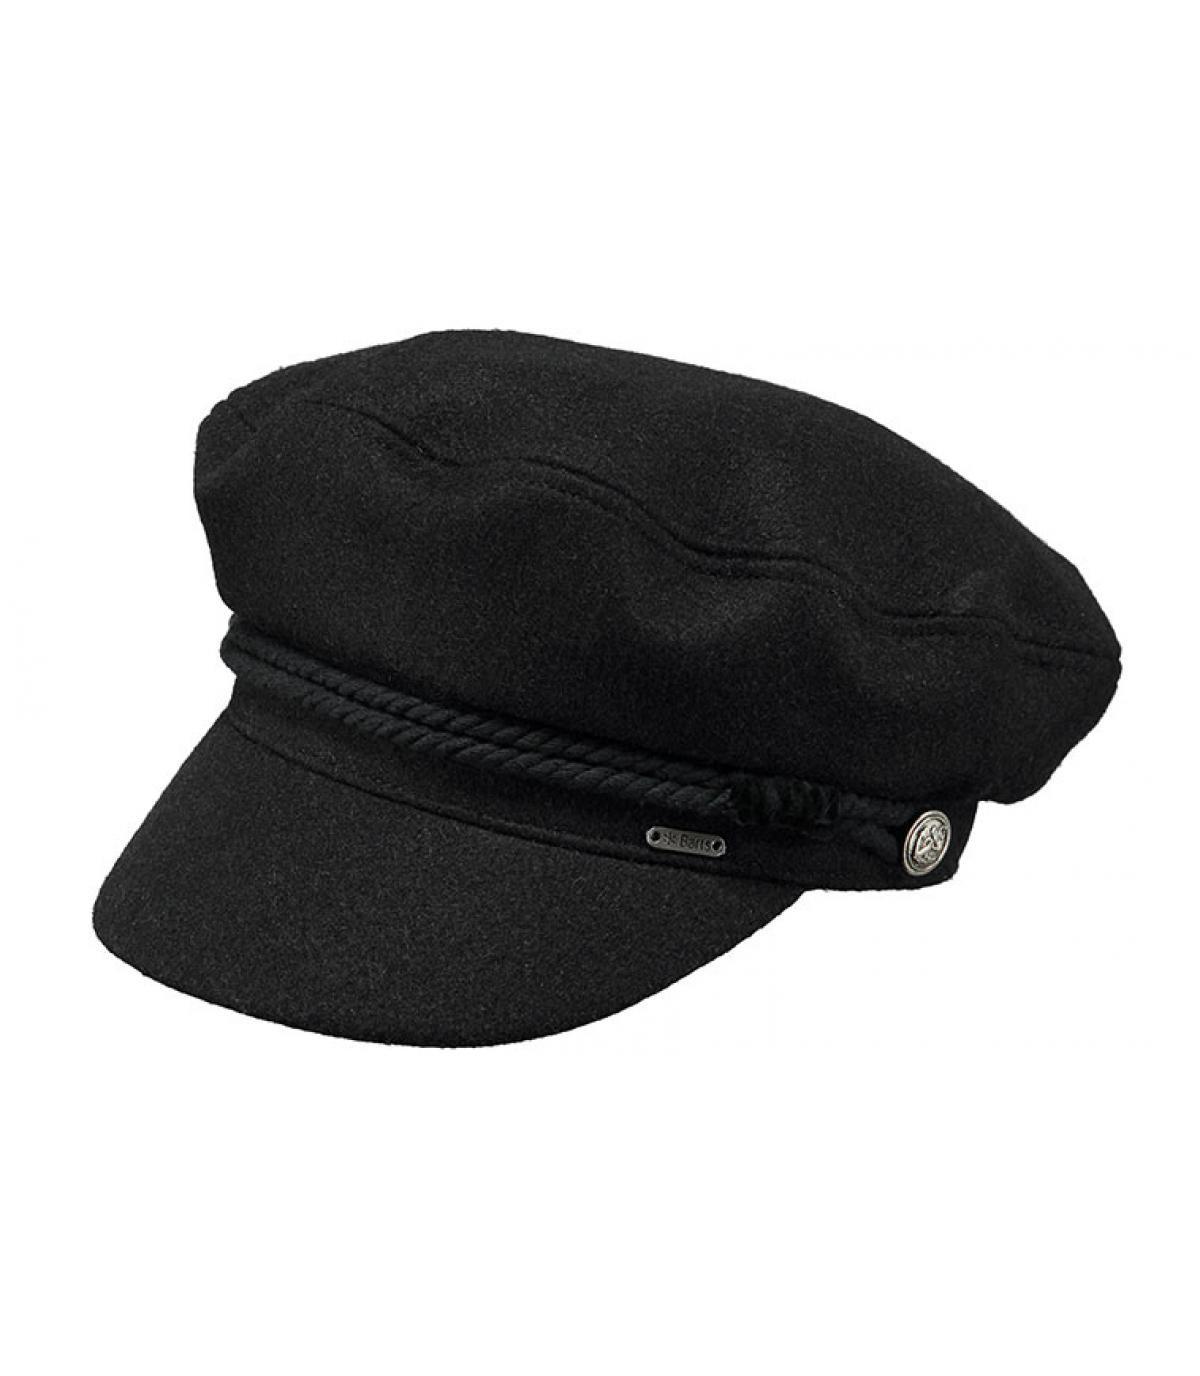 meilleures baskets sortie en ligne trouver le travail Skipper Cap black